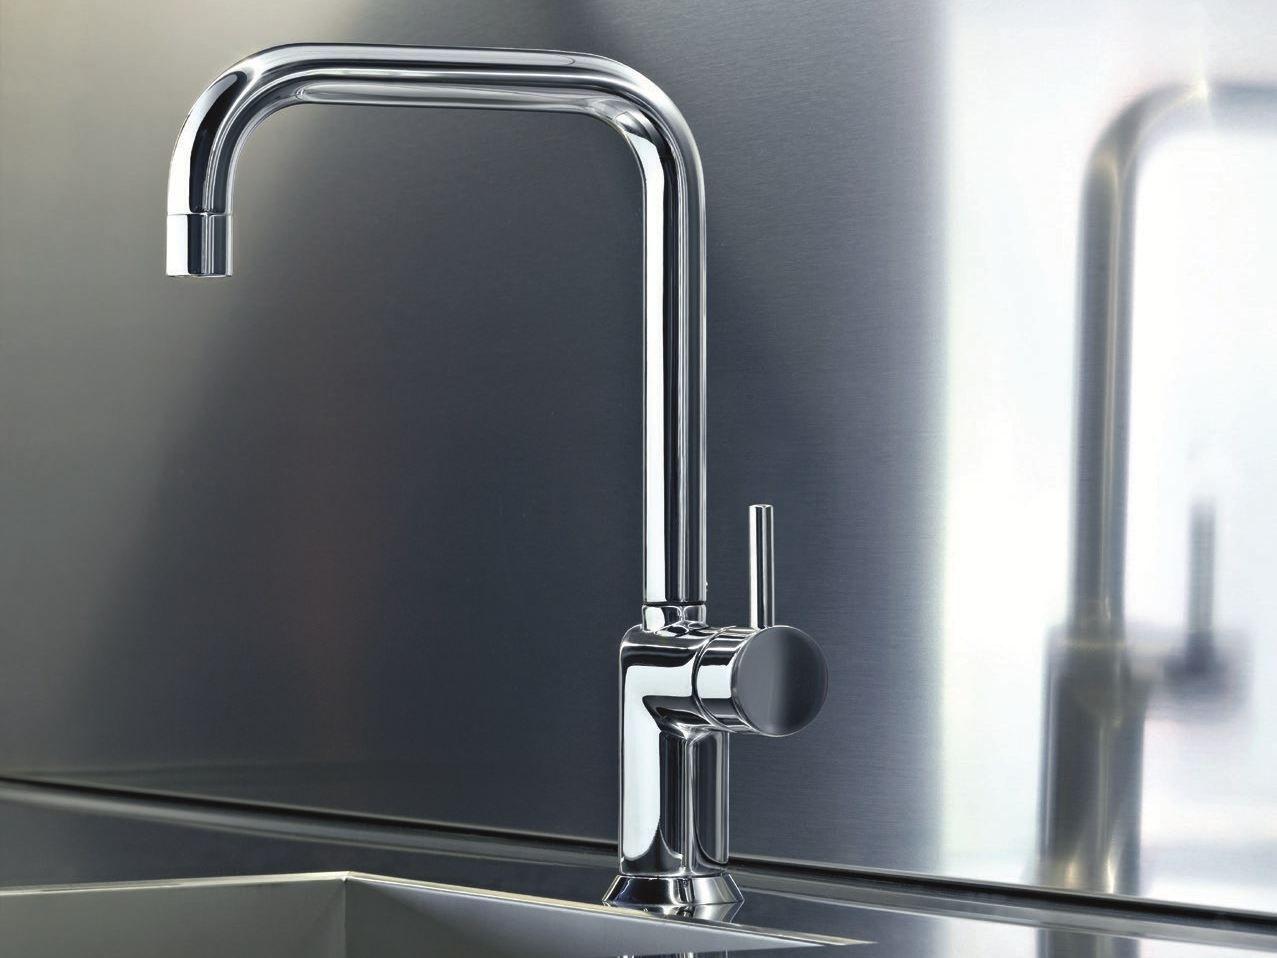 Caf miscelatore da cucina da piano by fantini rubinetti for Bricoman rubinetti cucina